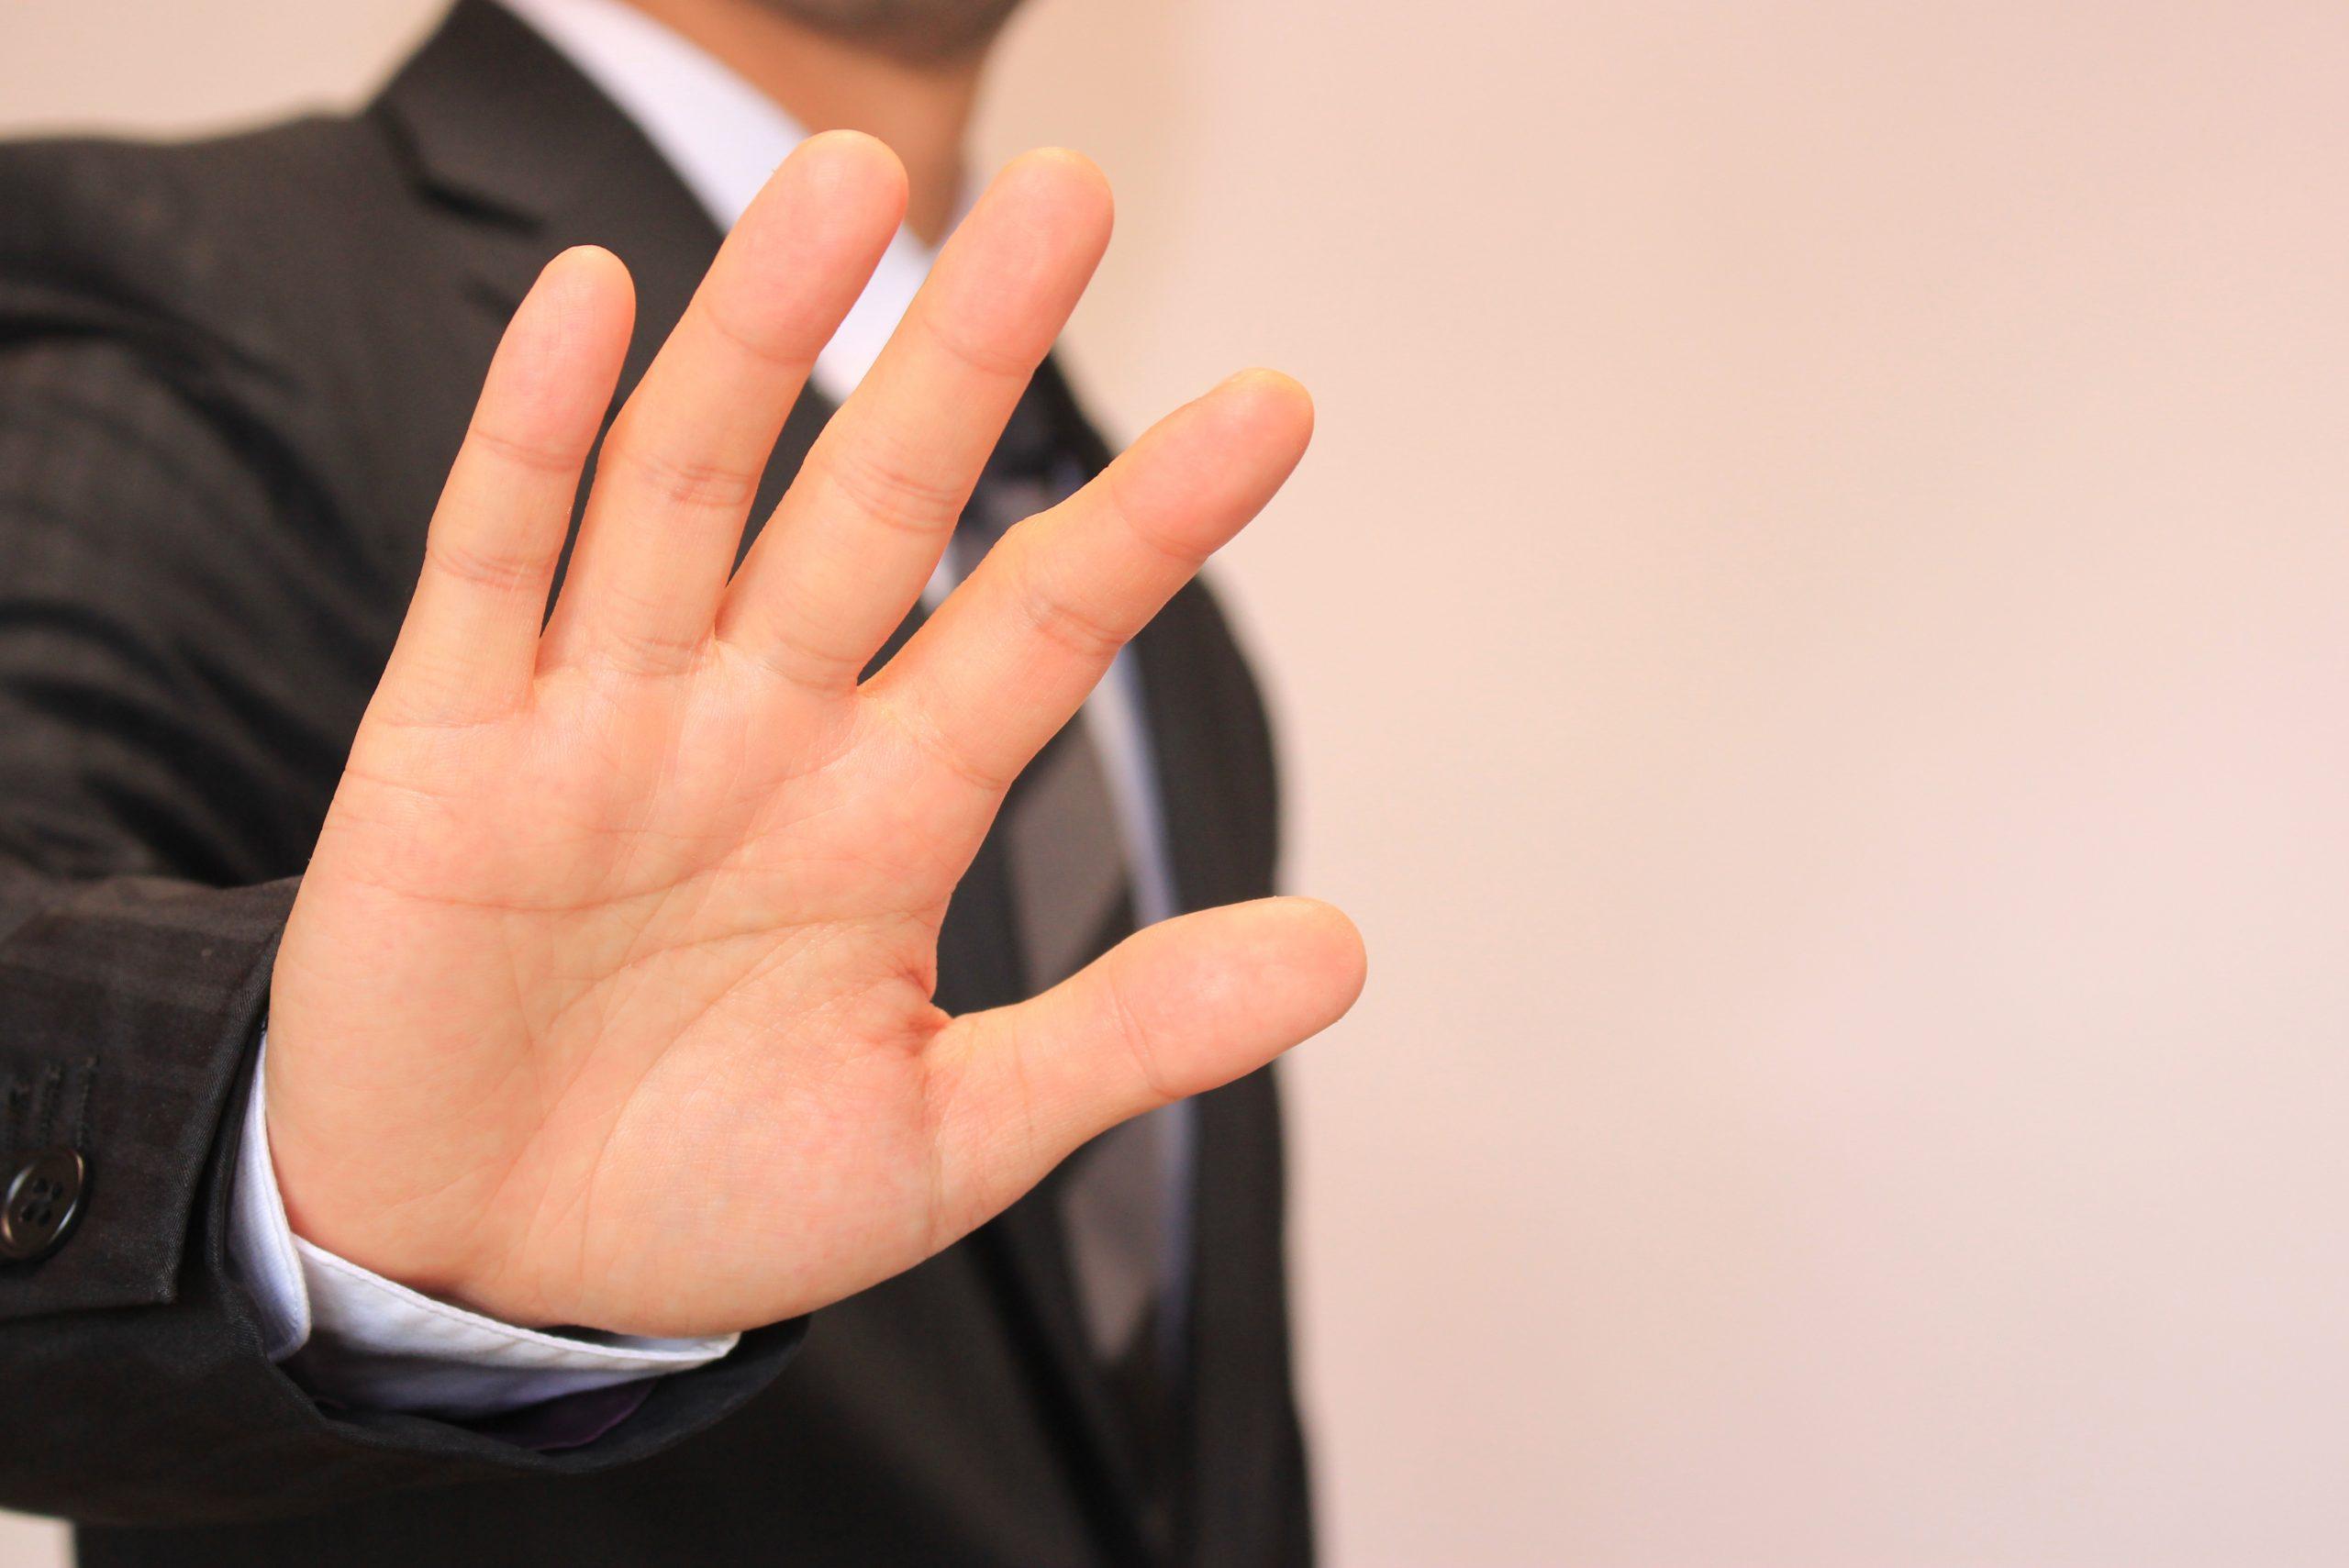 手のひらを出して拒否するジェスチャー